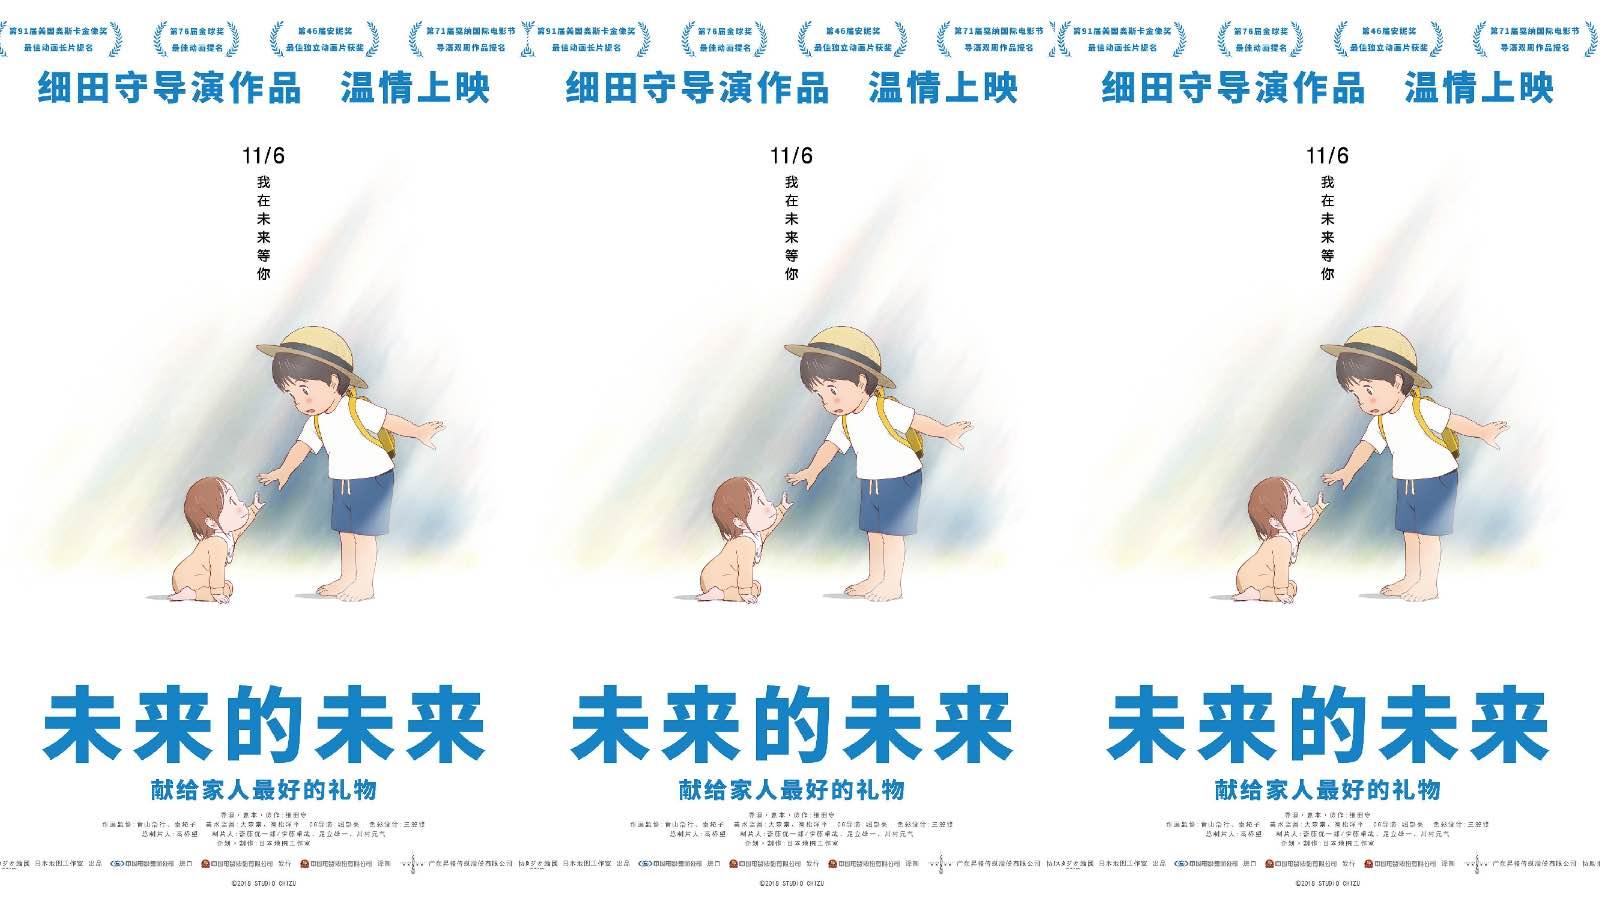 人气声优云集  细田守《未来的未来》公布中文配音阵容